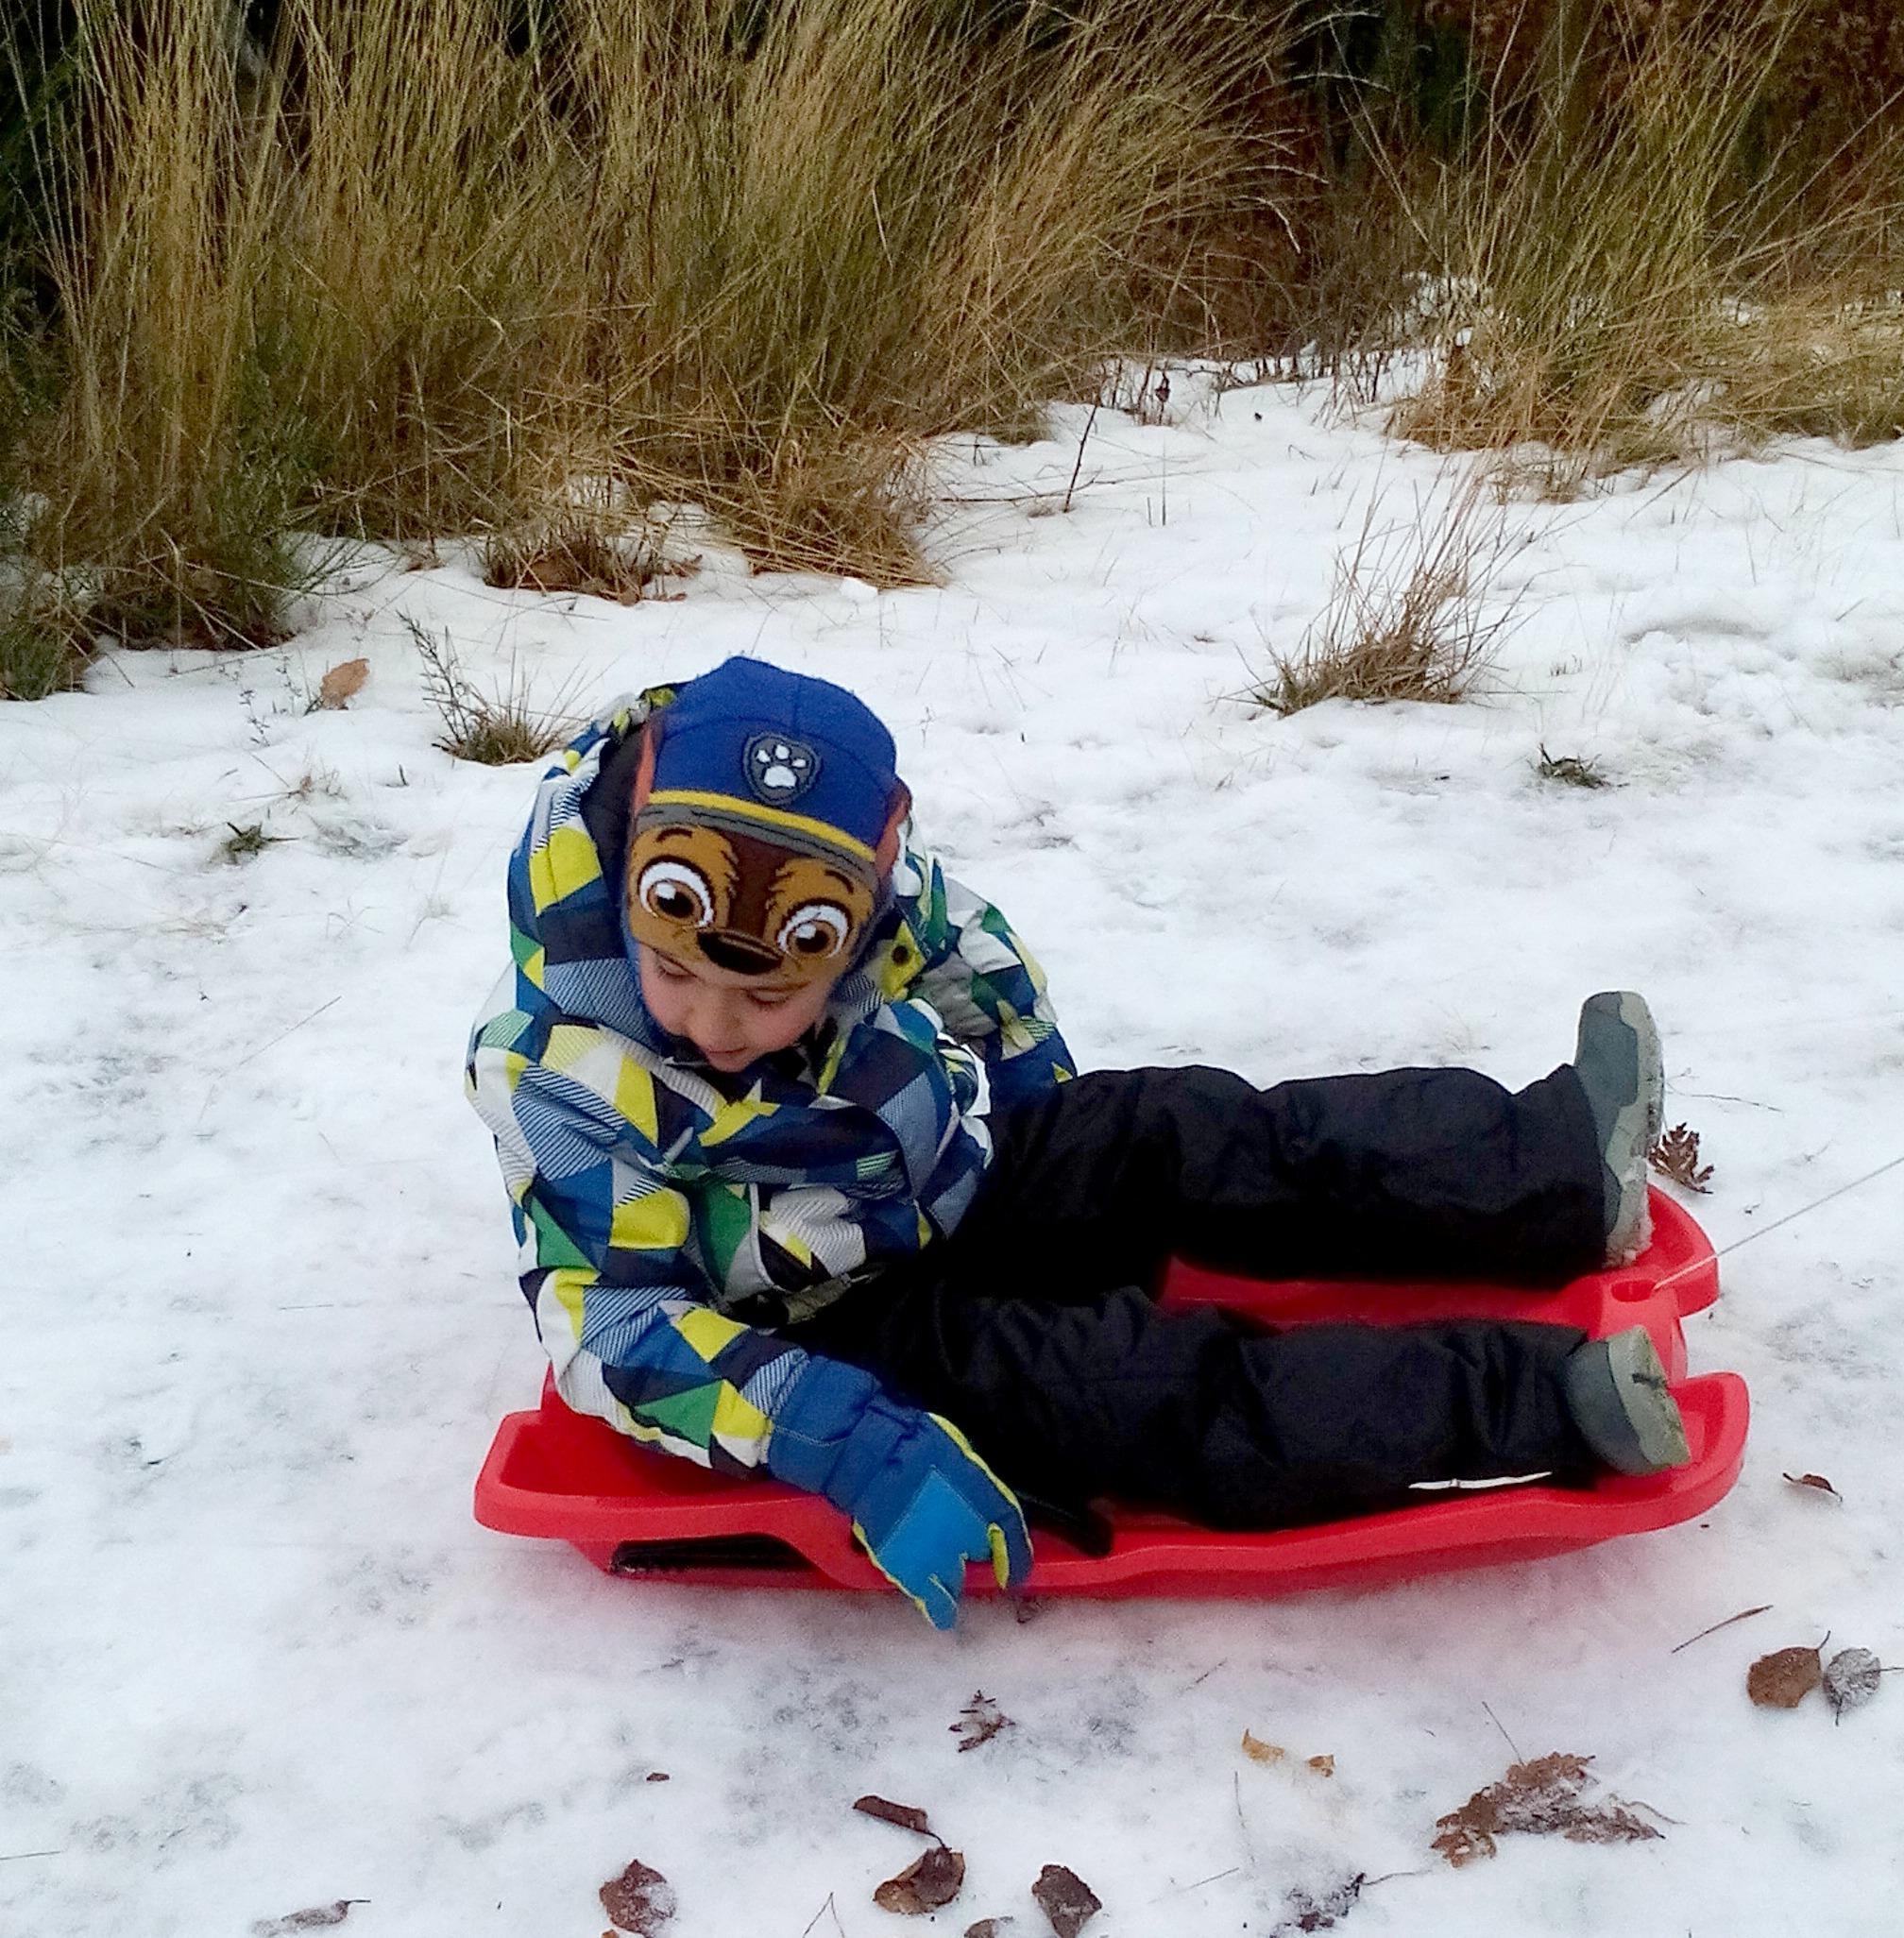 Excursión al Moncayo: ¿Cómo encuentro la nieve?